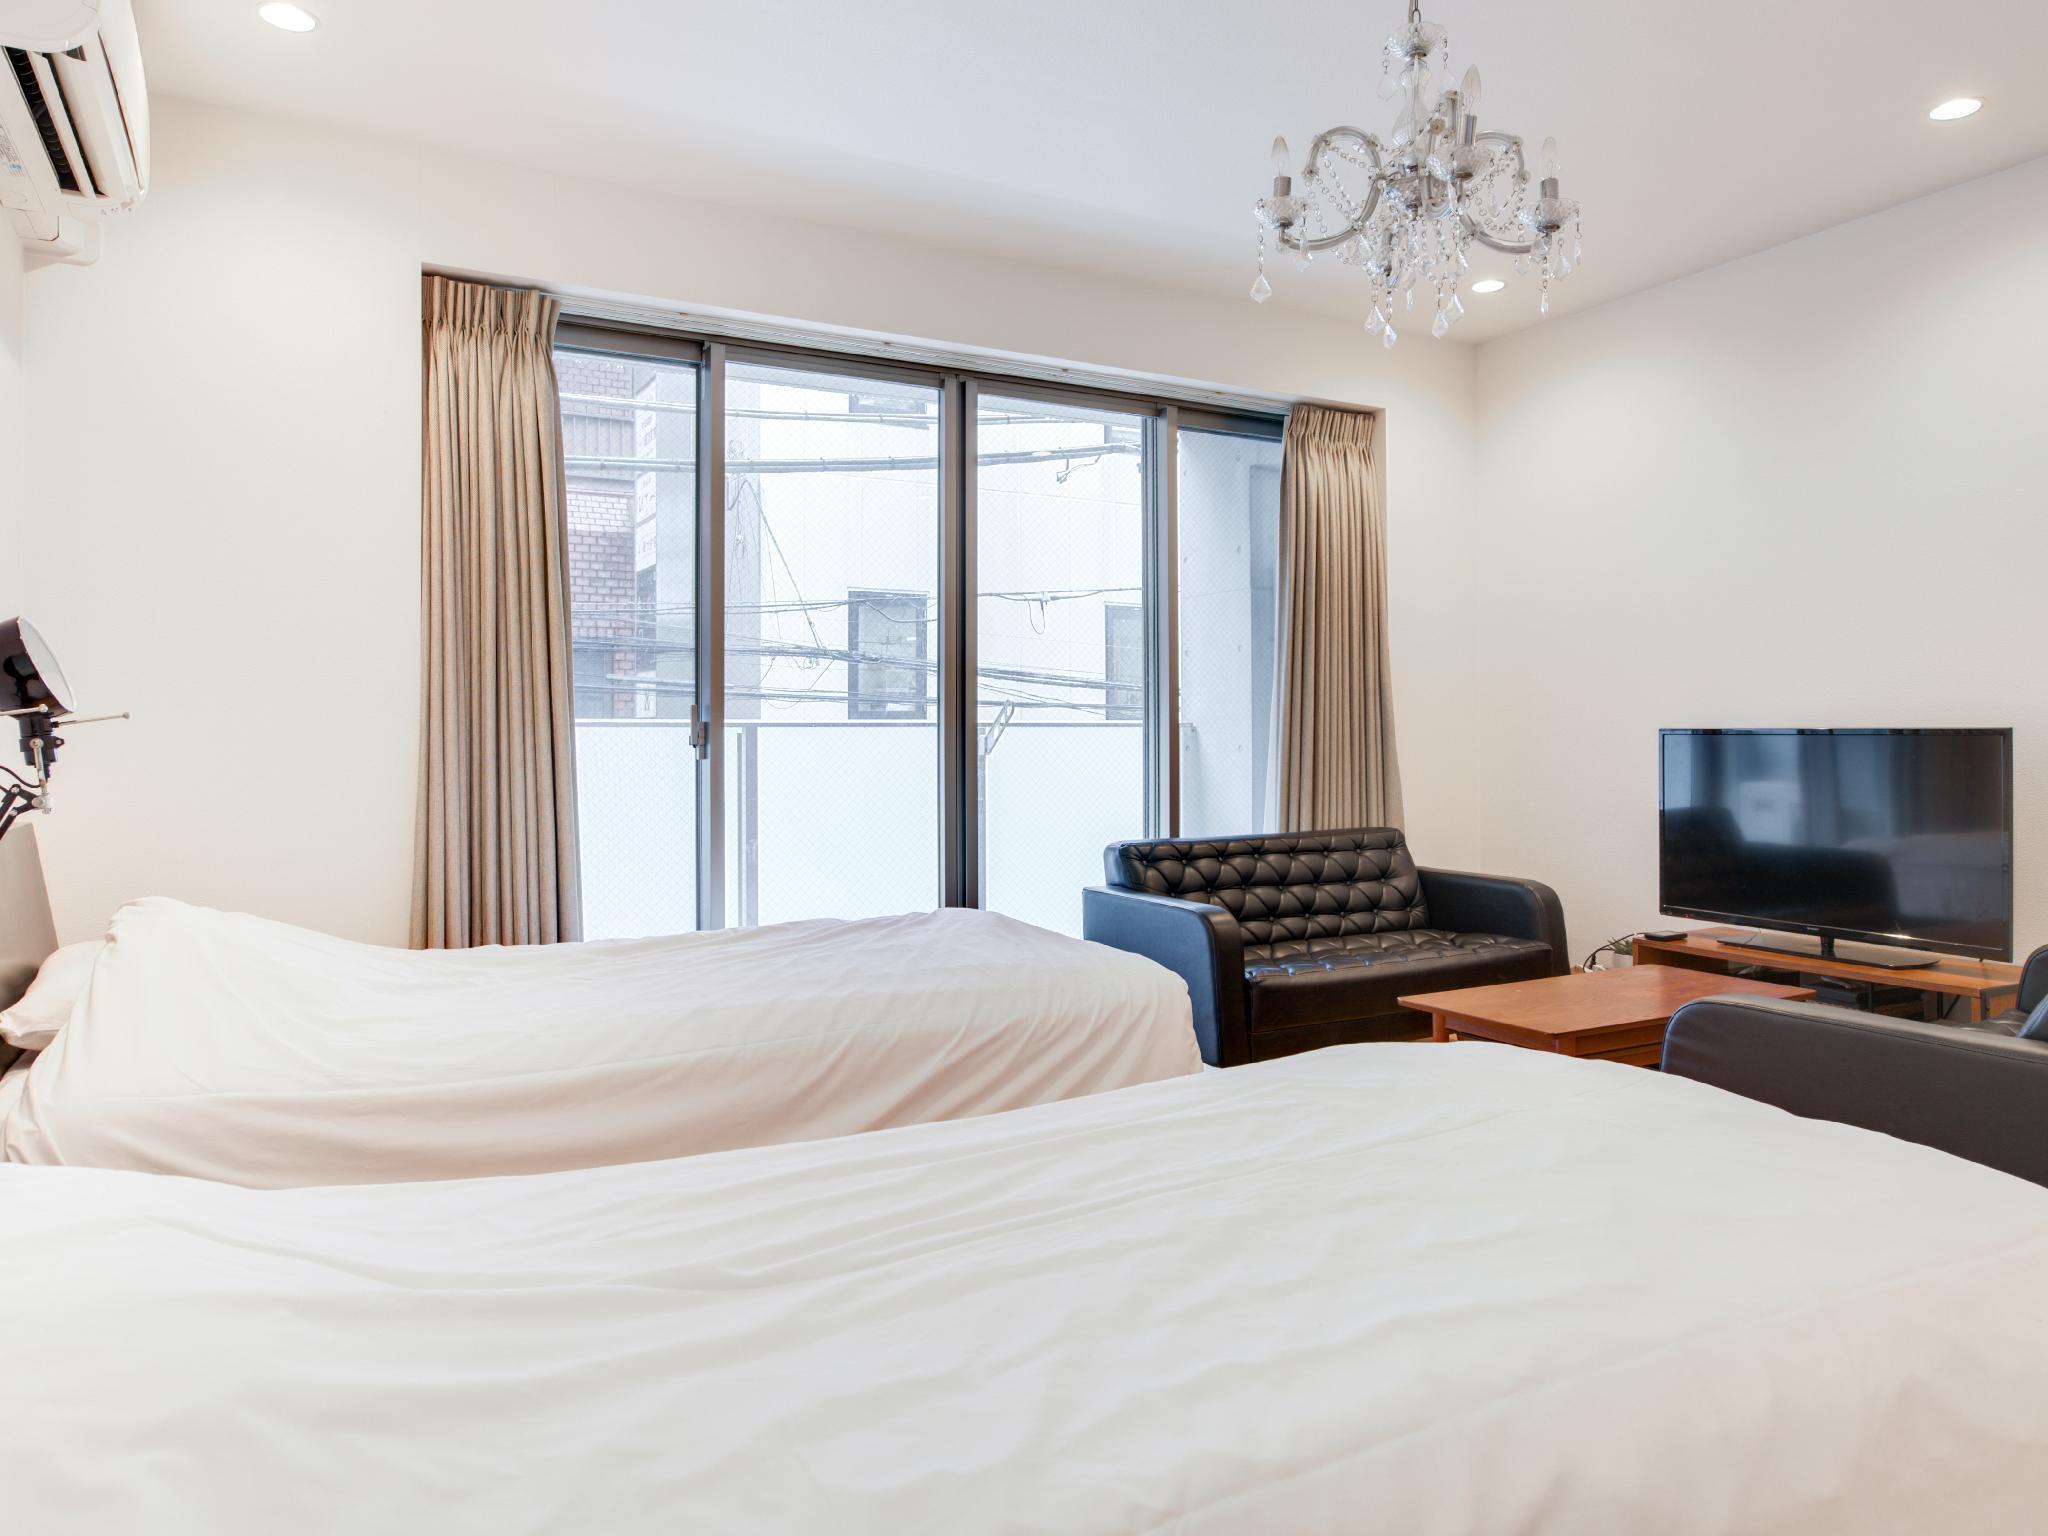 TW45. Shibuya High-end Cozy apartment, Best Hotels ...